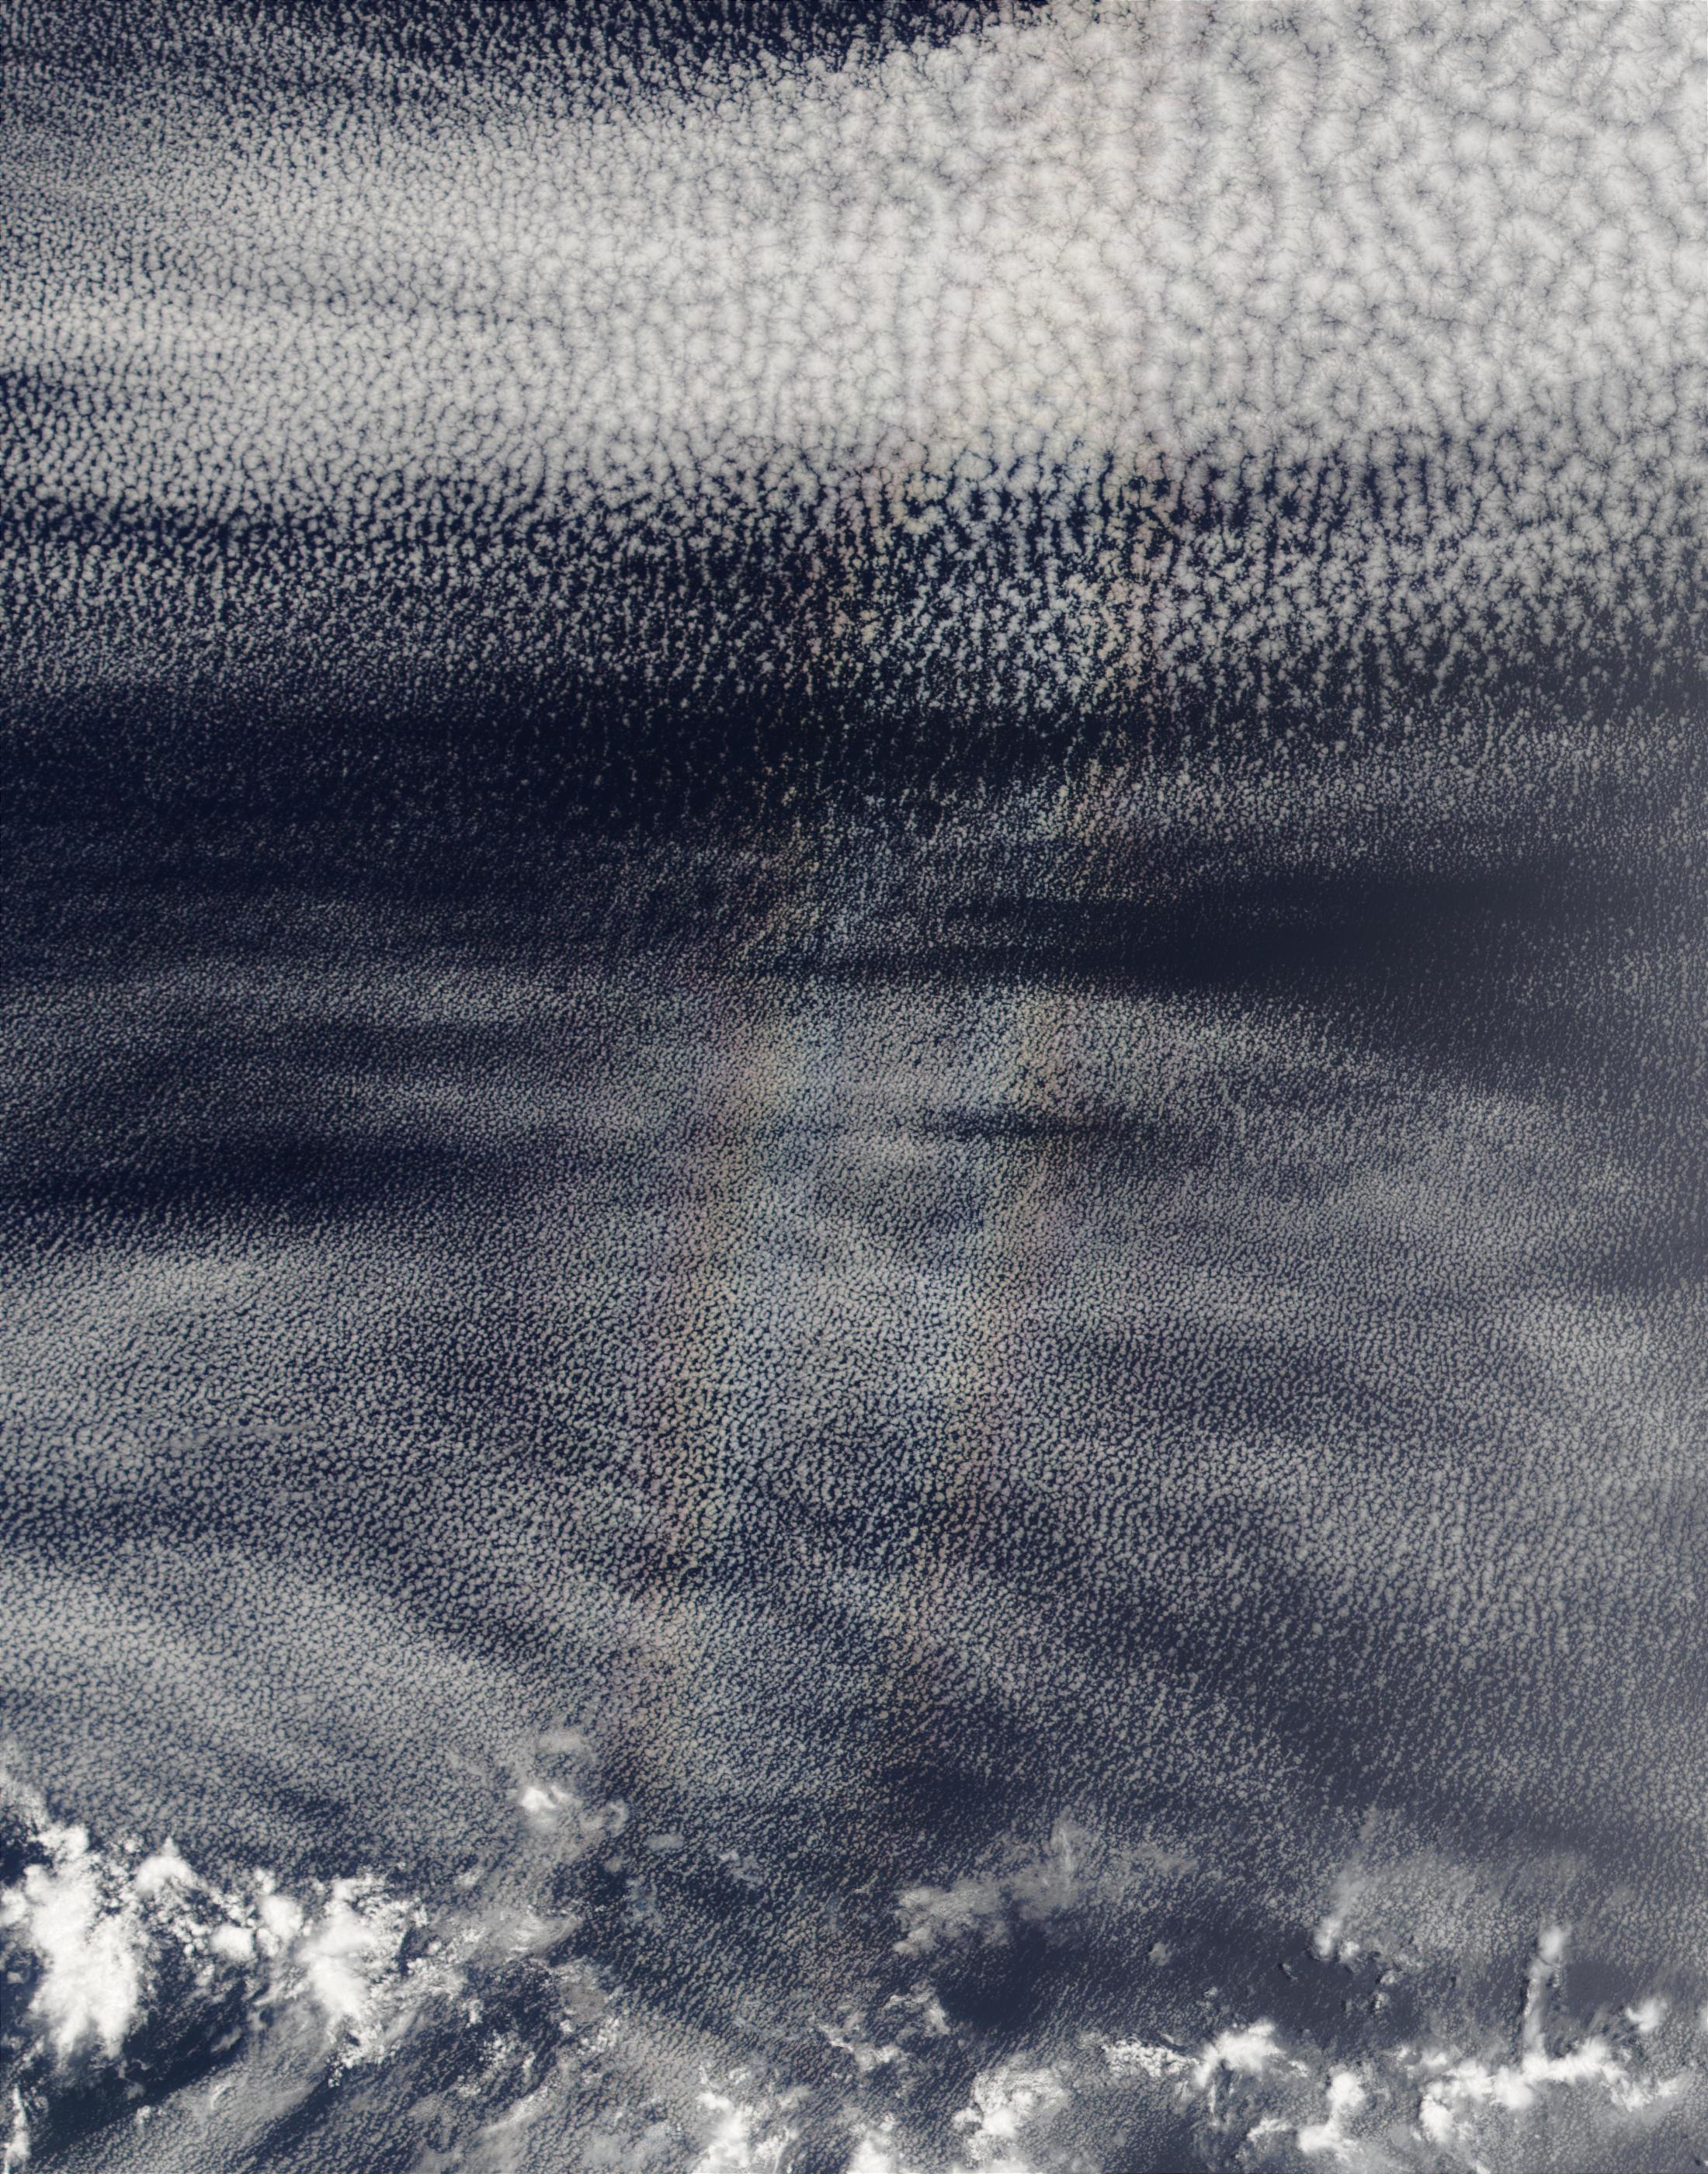 Gloria (o anthelion) encima de nubes stratocumulus en el Océano Pacífico